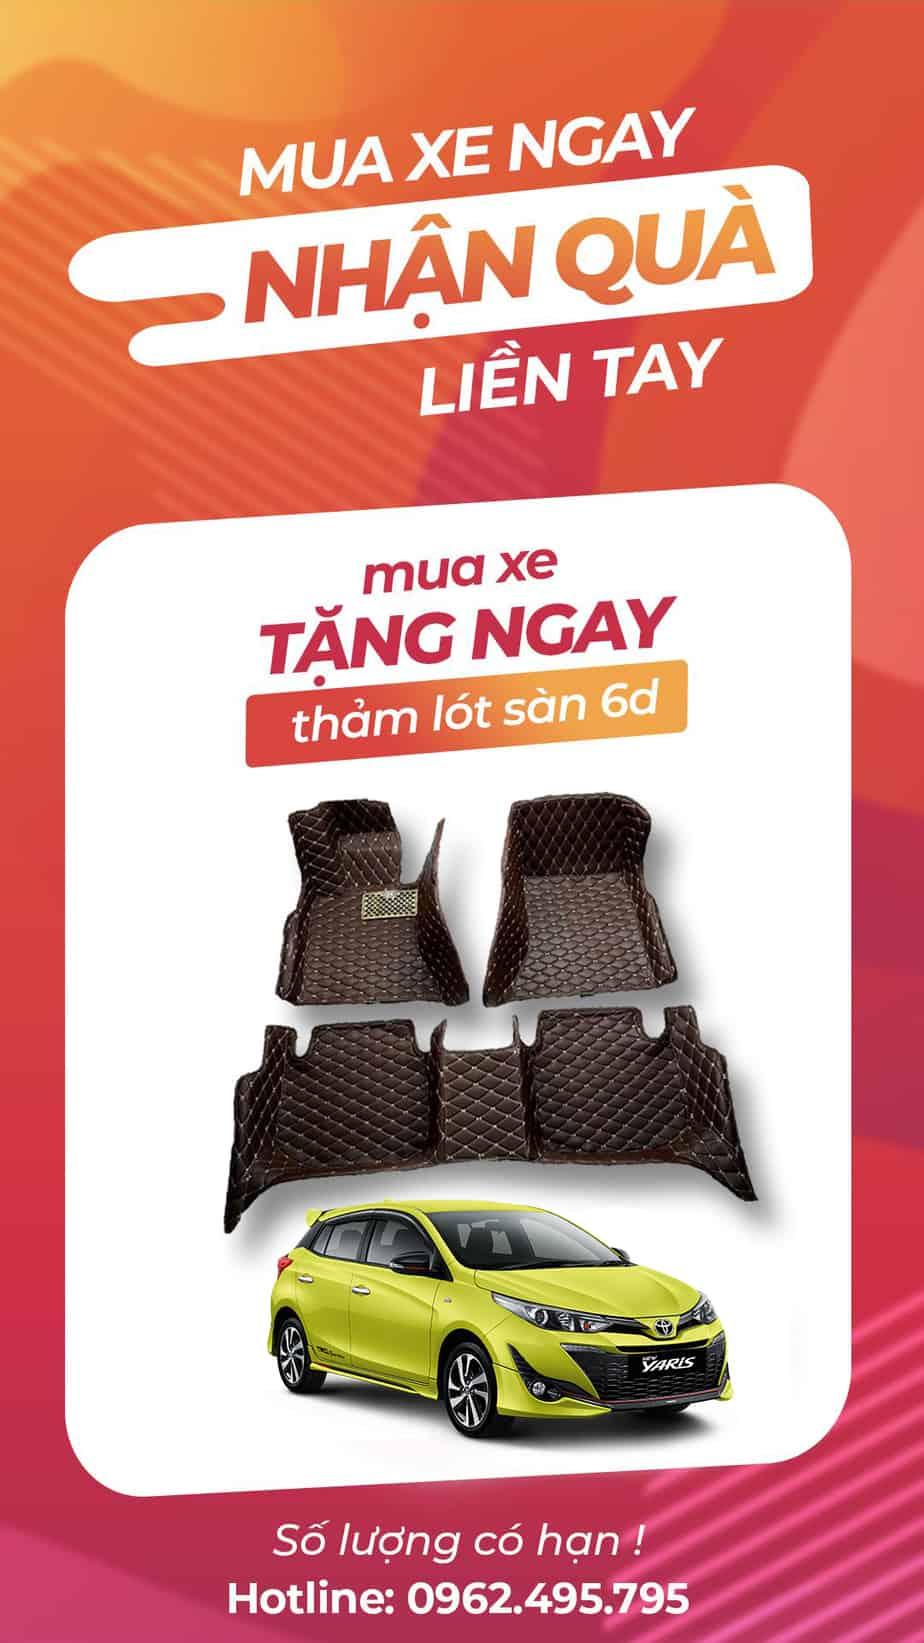 Khi mua xe Toyota Yaris cũ hoặc mới, bạn sẽ được tặng ngay 1 bộ Thảm lót sàn 6D, chương trình số lượng có hạn, nhanh tay gọi Hotline để đăng ký ngay